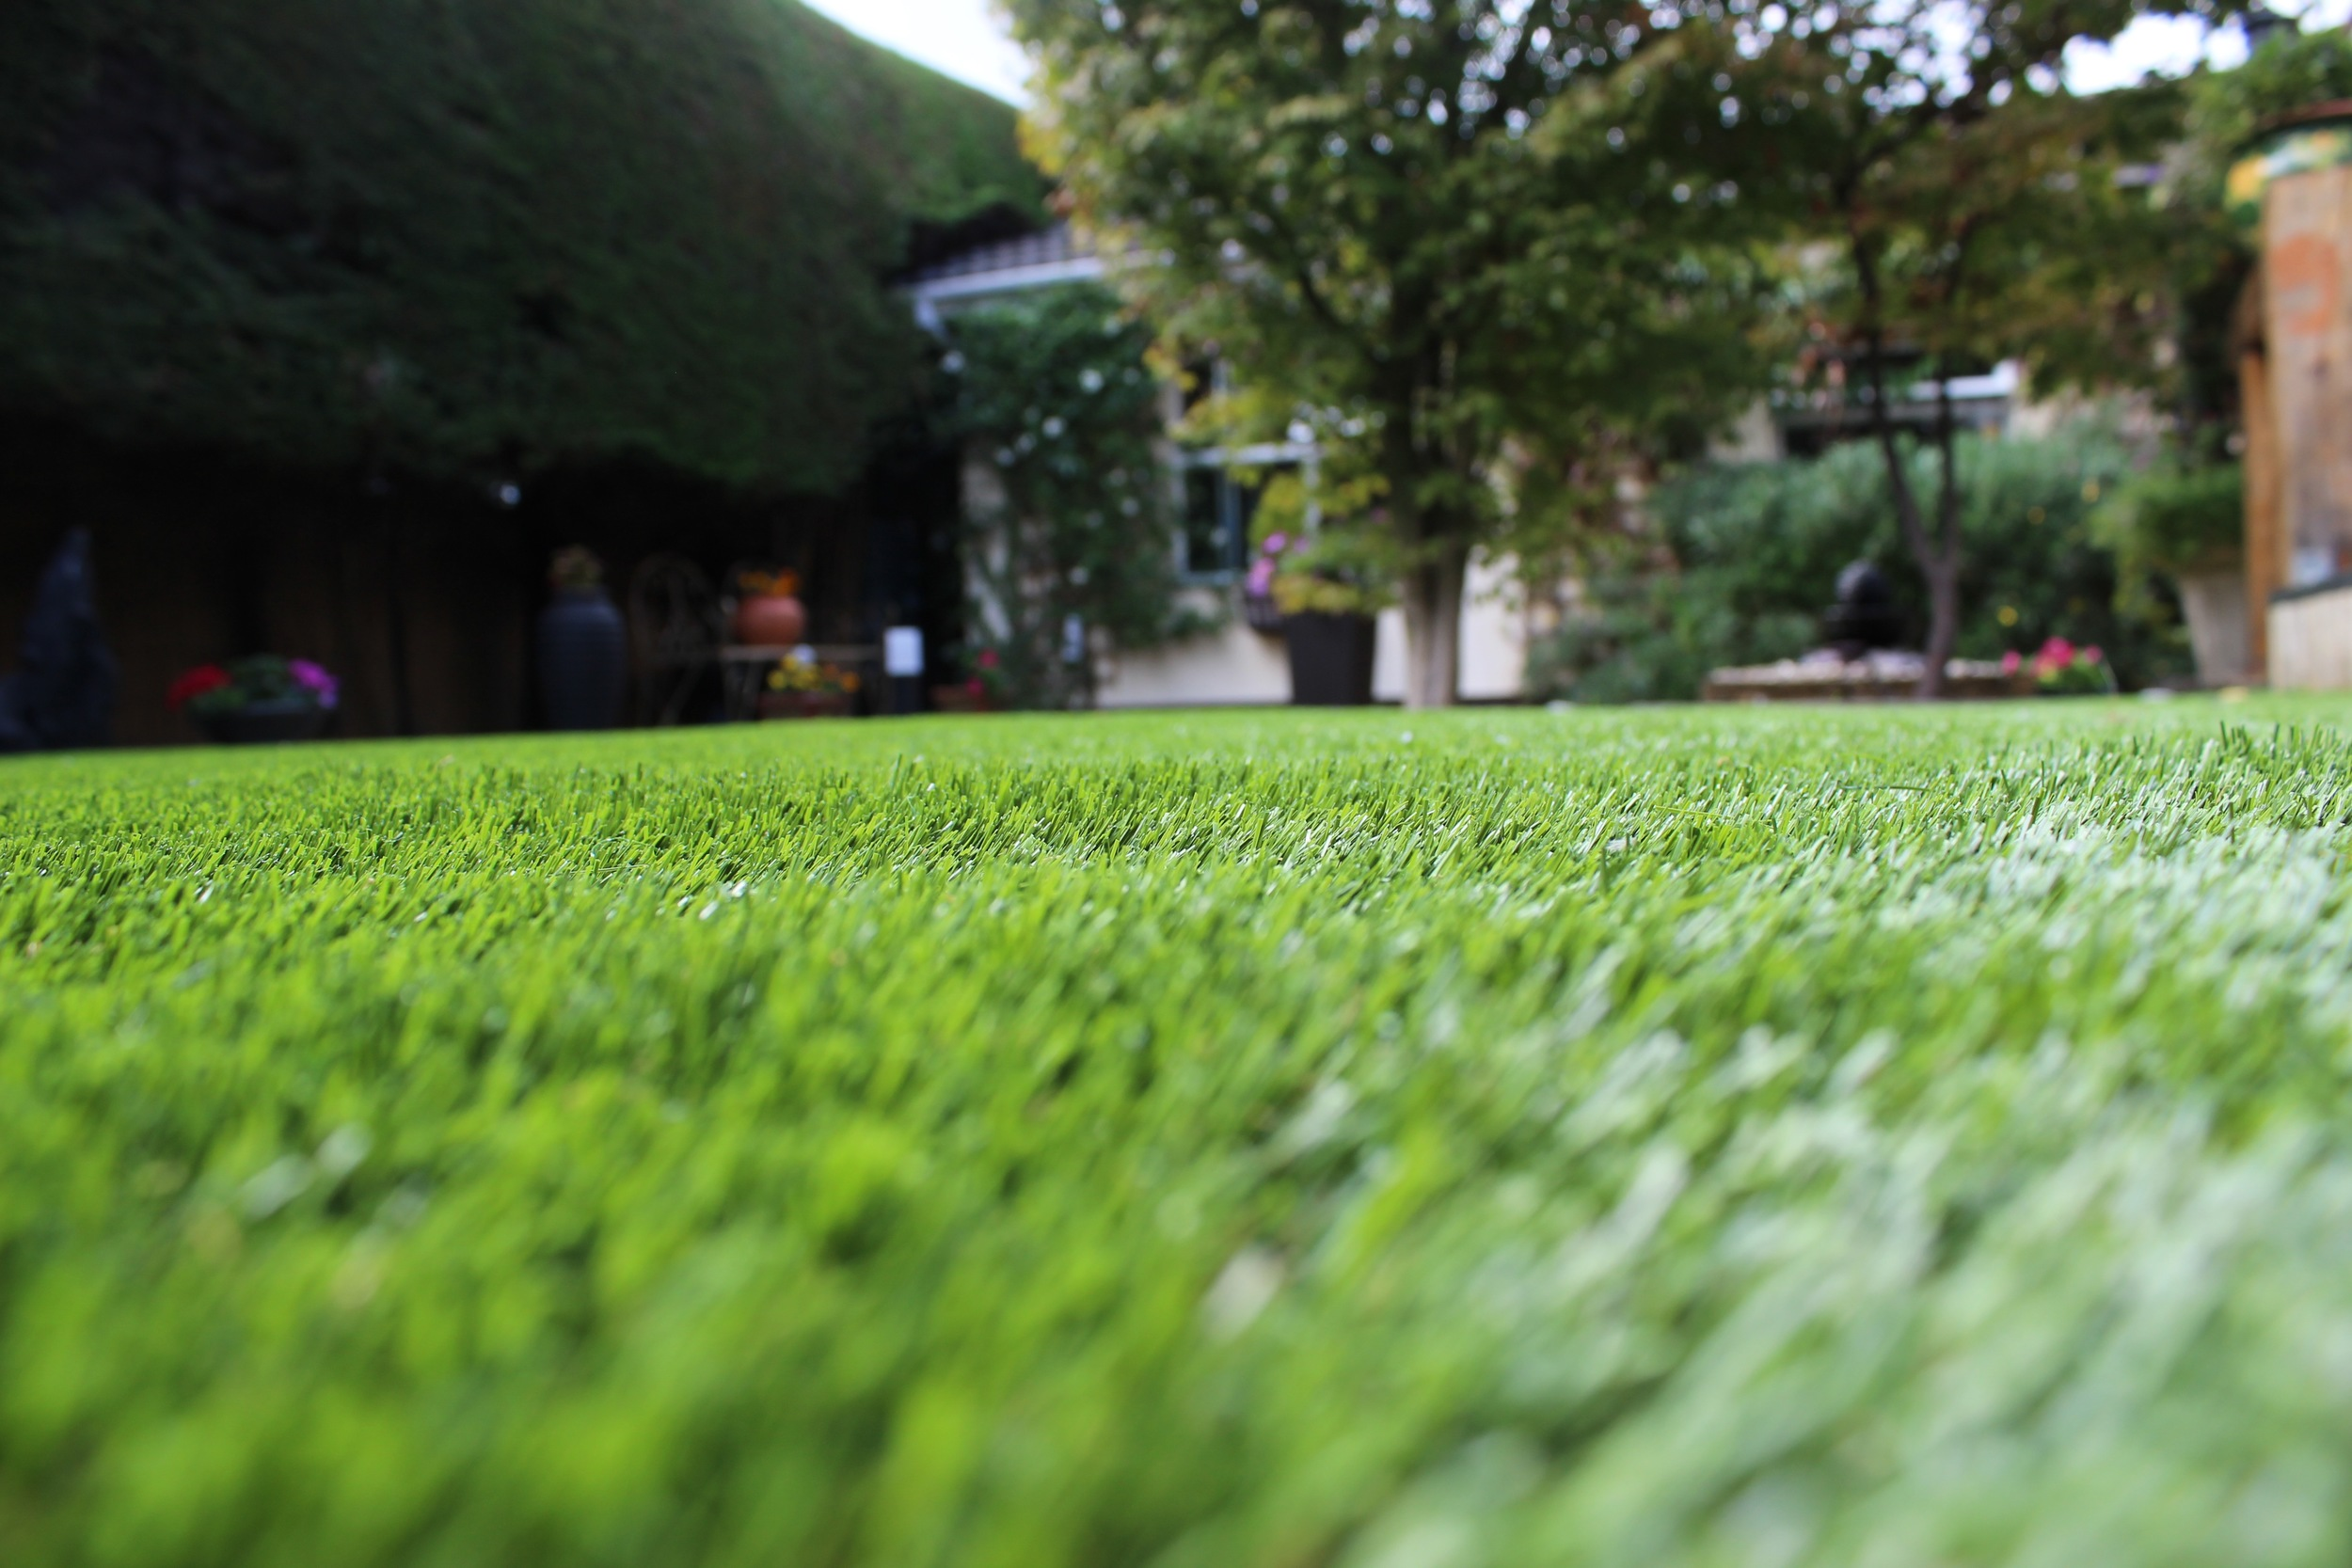 artificial grass turf in Dublin Garden.jpg